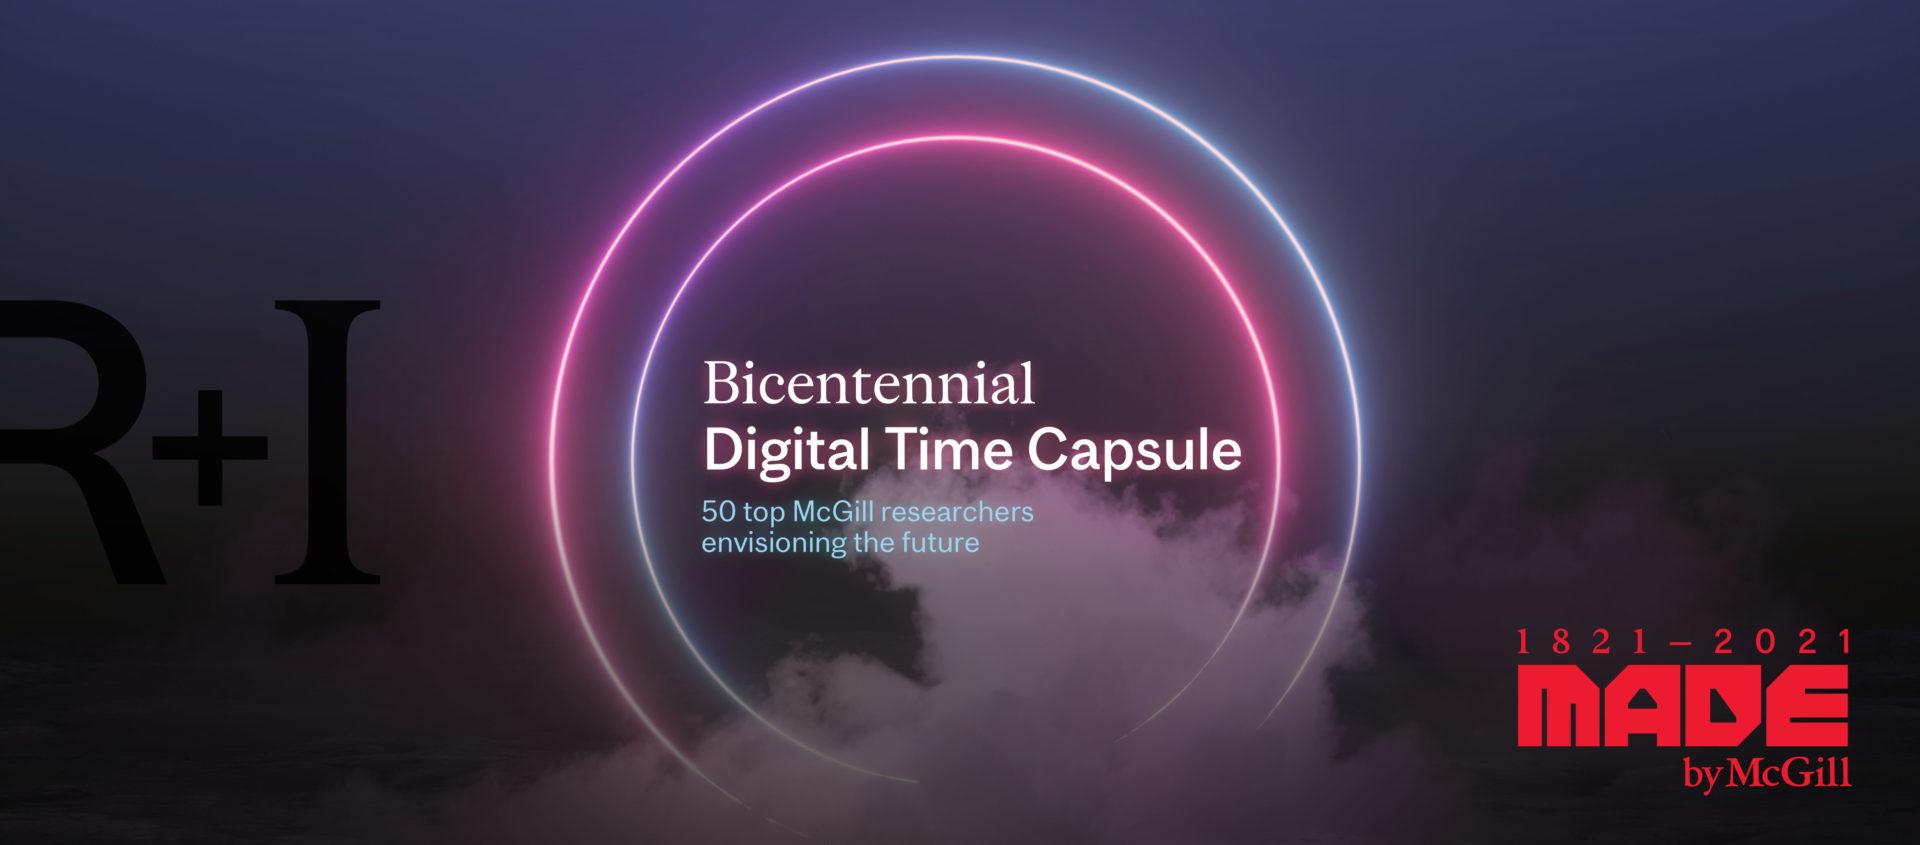 Bicentennial Digital Time Capsule